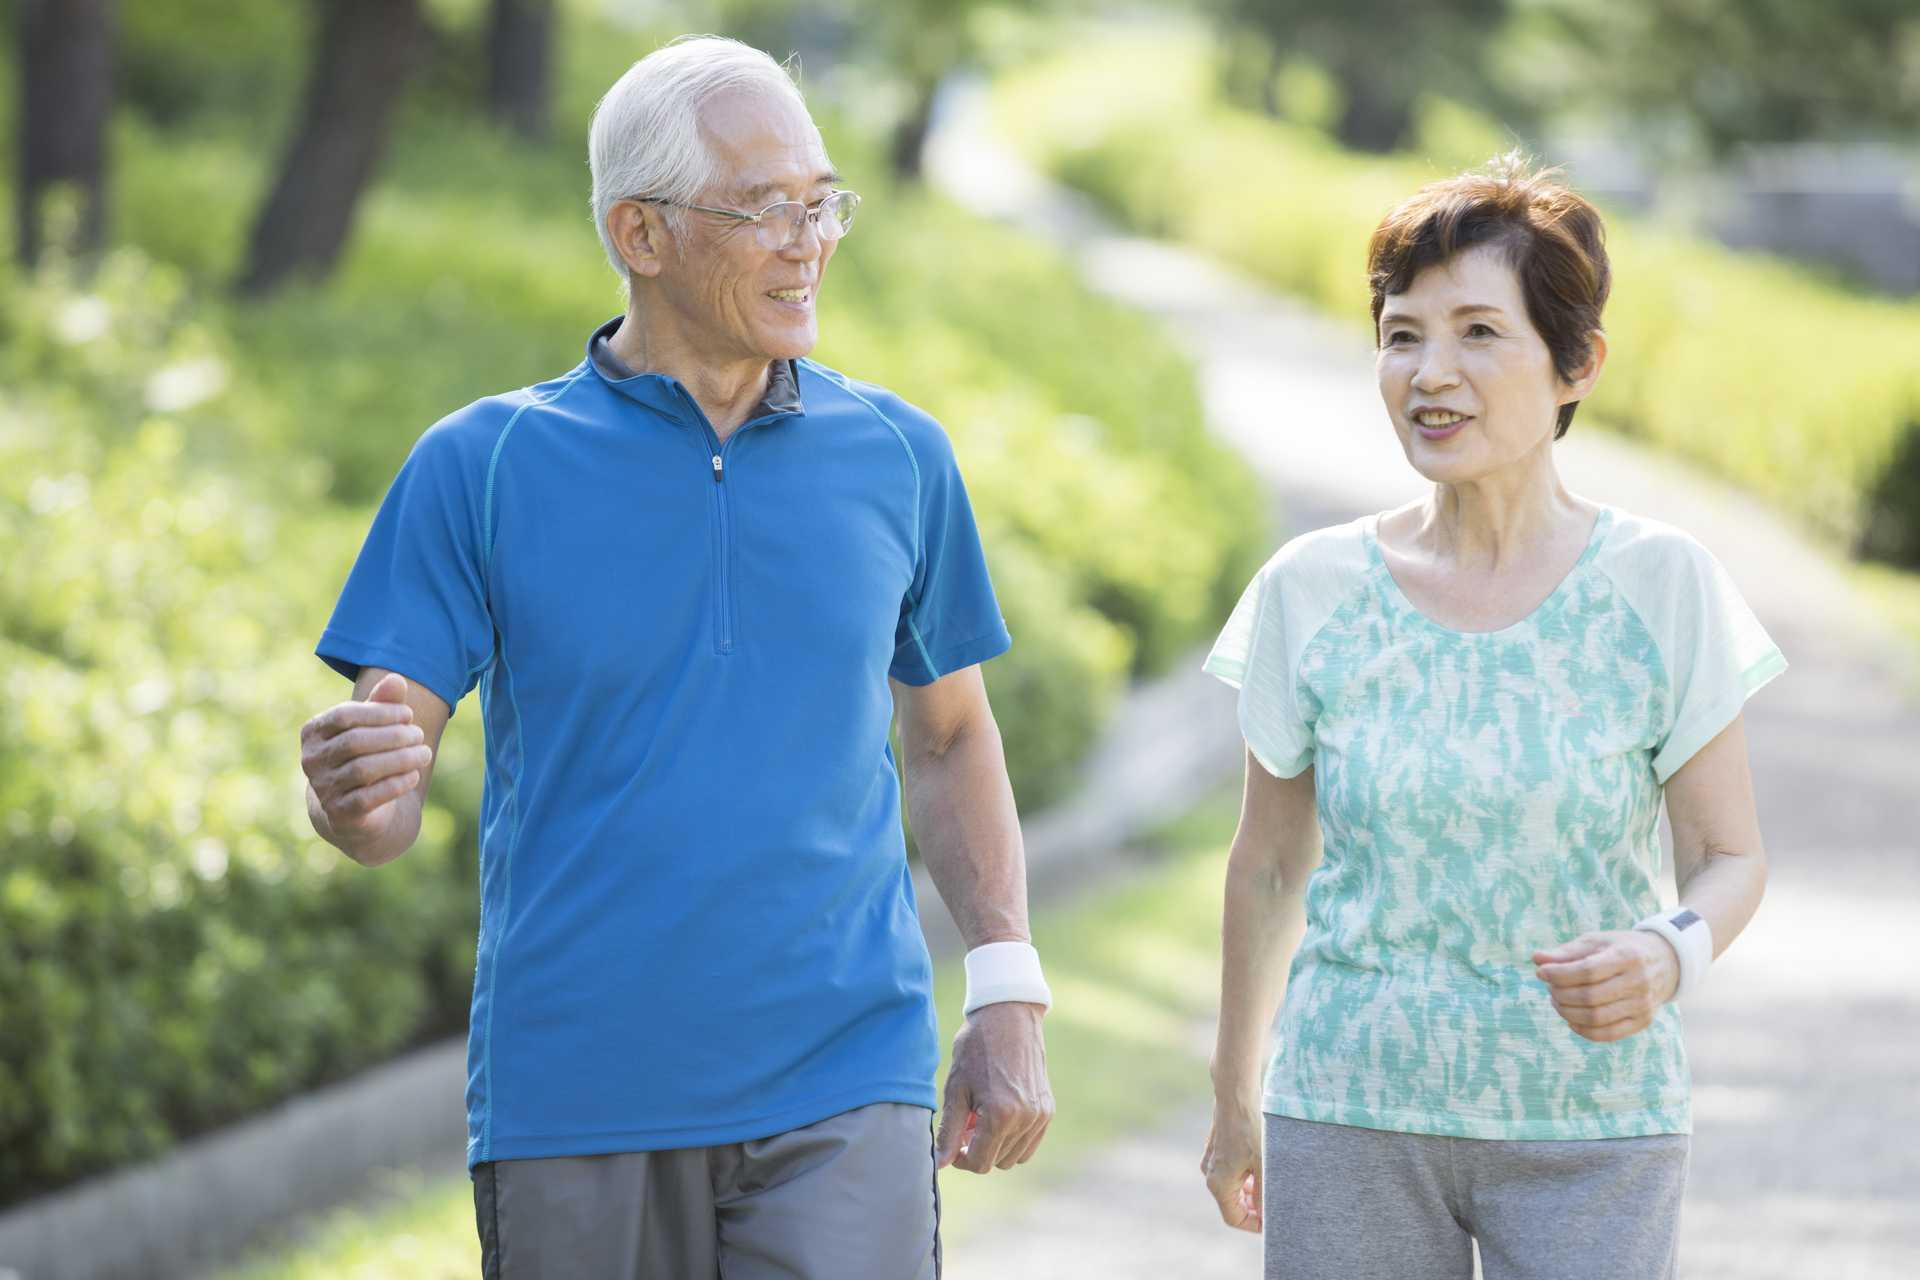 歩く習慣は、老若男女が死ぬまで一生楽しめるスポーツだ。 | 健康のためになる30の散歩術